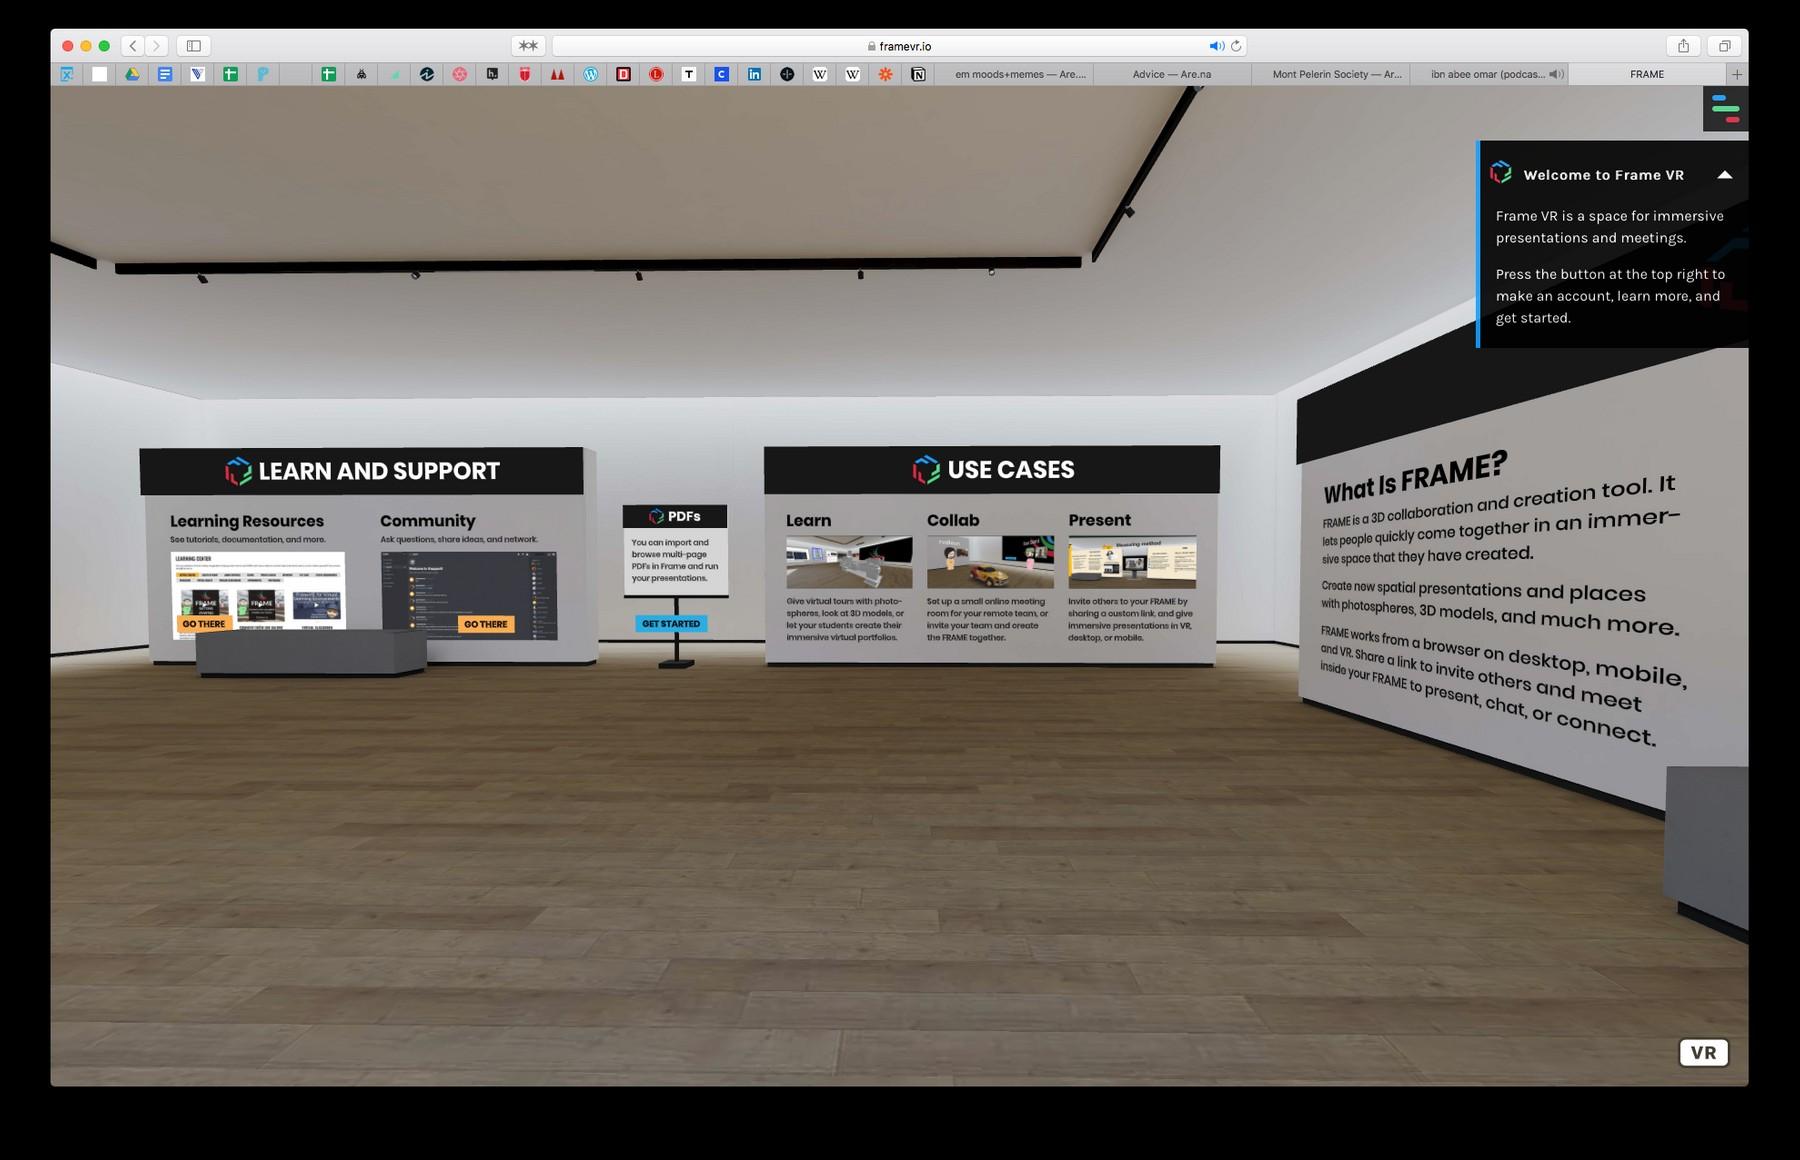 screen-shot-2020-11-29-at-3.24.30-pm.png